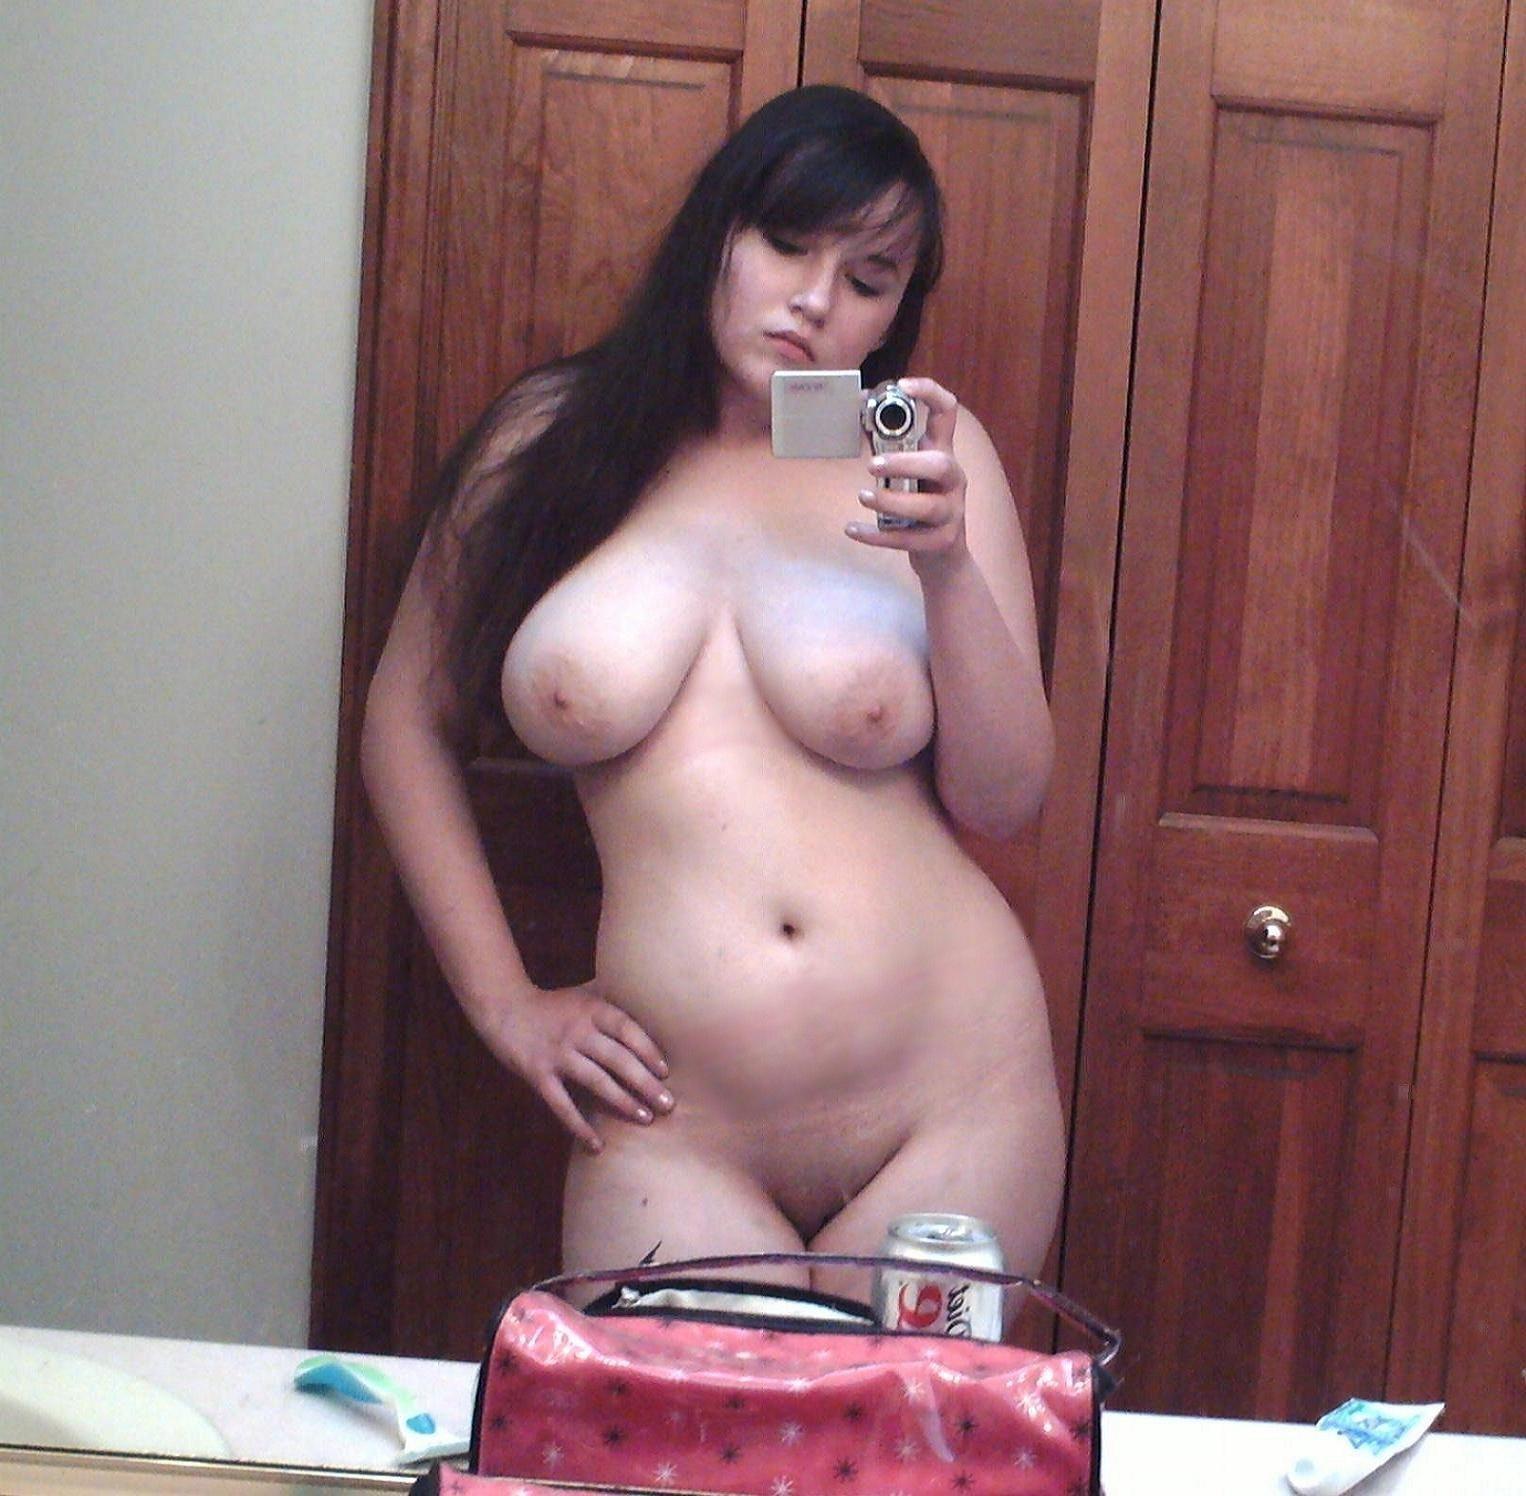 Смотреть онлайн фотографии пышек неформалок эротического жанра 10 фотография